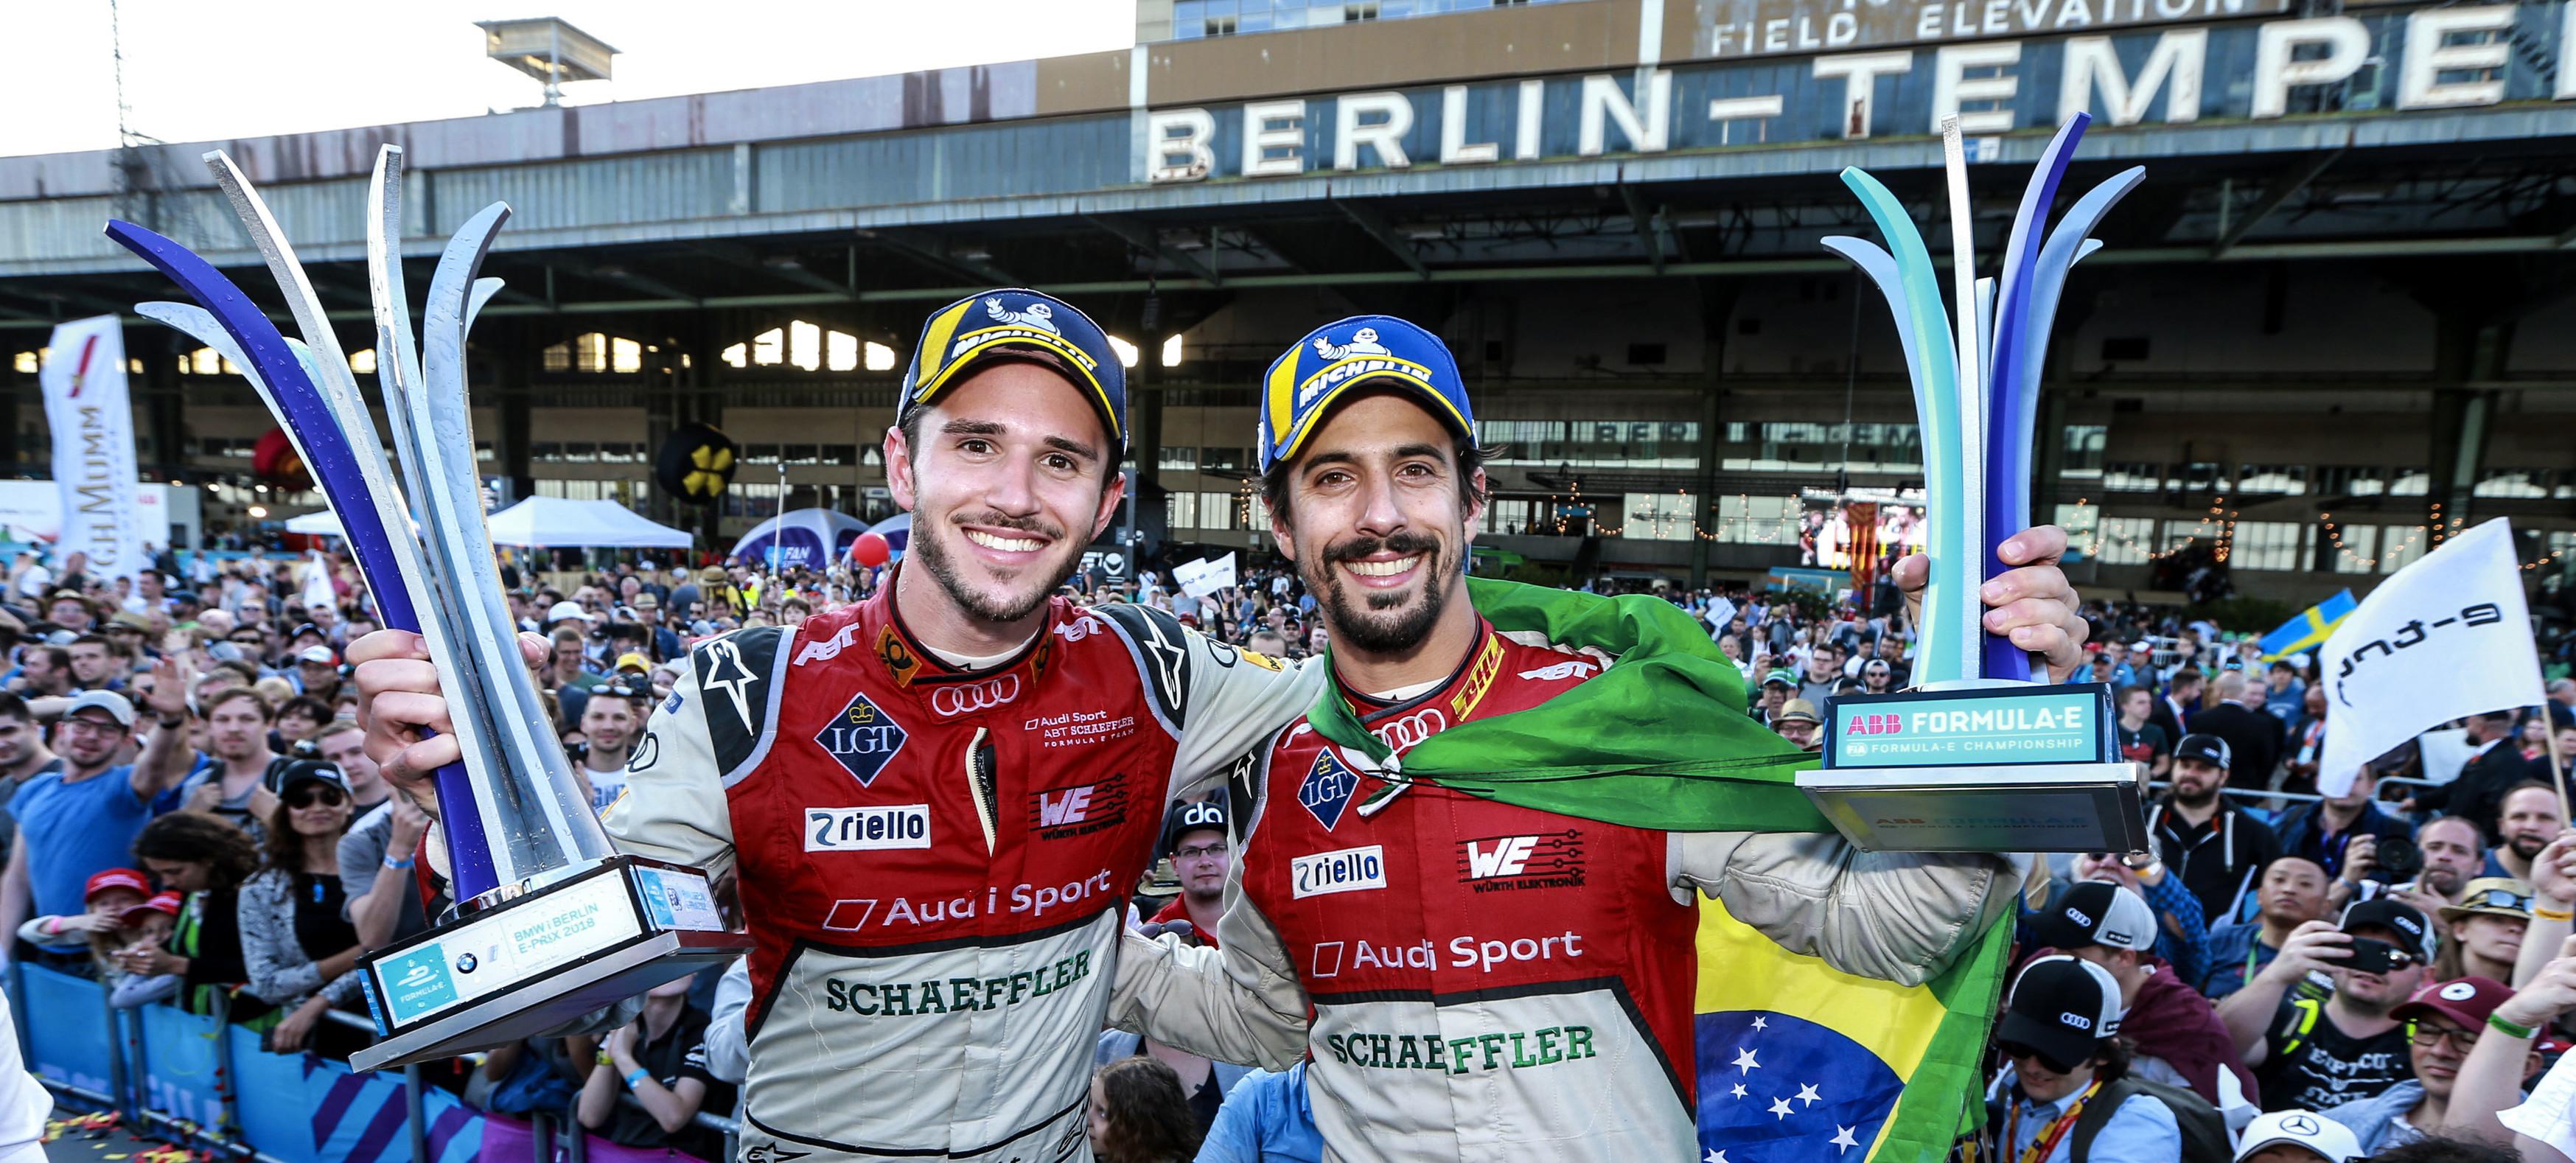 Audi electrificó Berlín con un brillante resultado en la carrera de Fórmula E del sábado